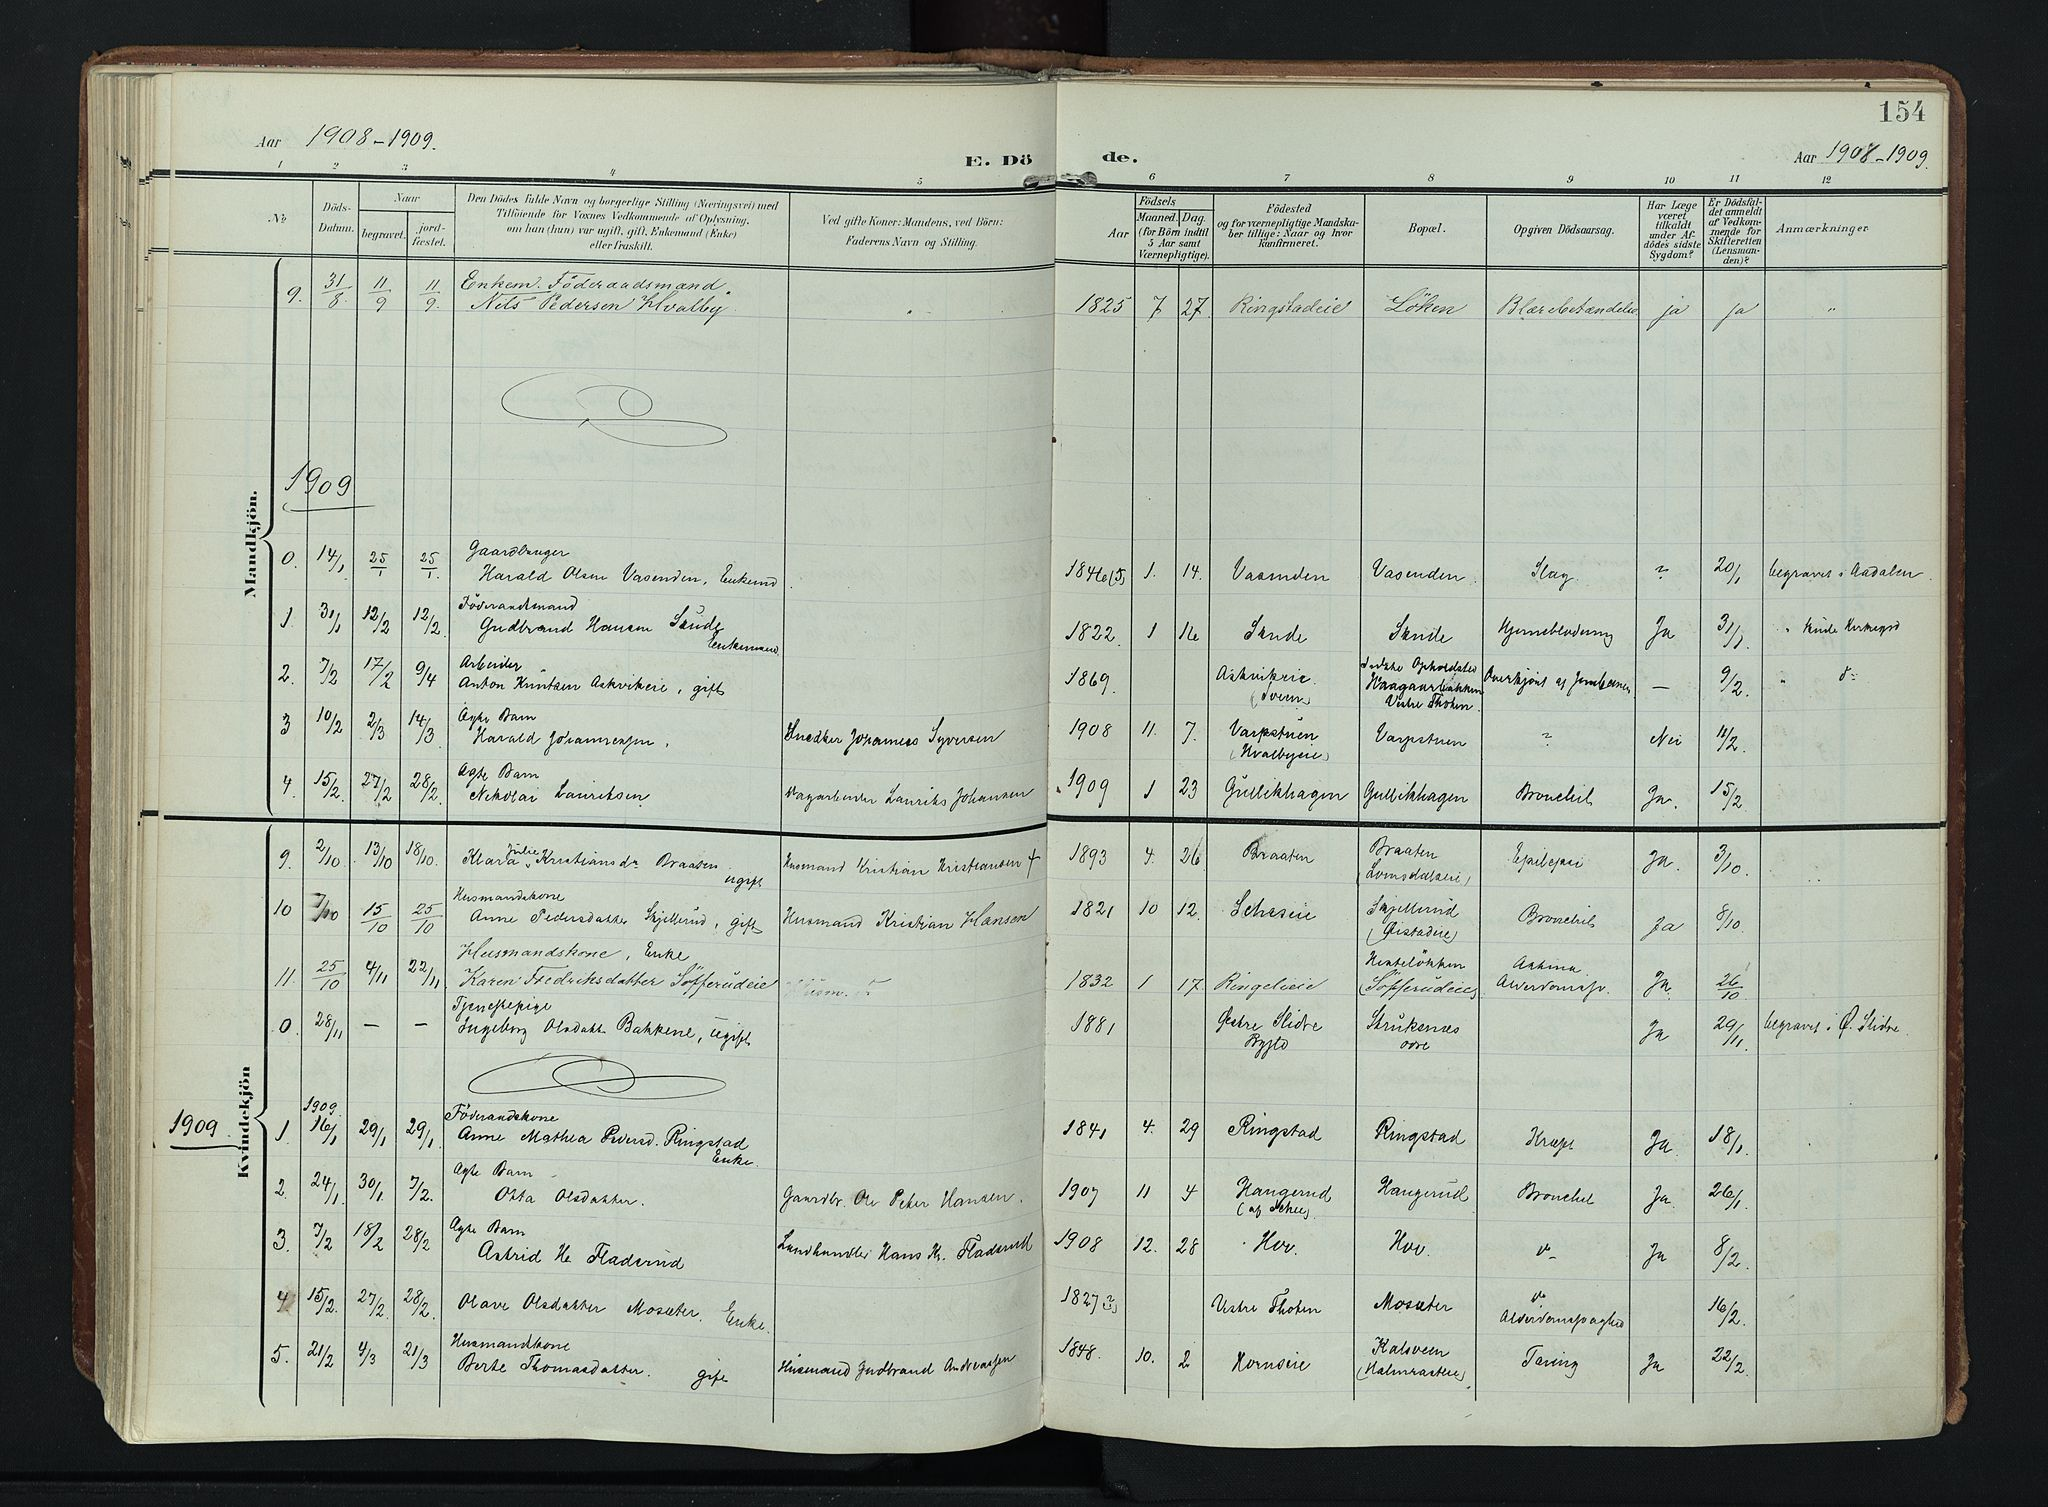 SAH, Søndre Land prestekontor, K/L0007: Ministerialbok nr. 7, 1905-1914, s. 154